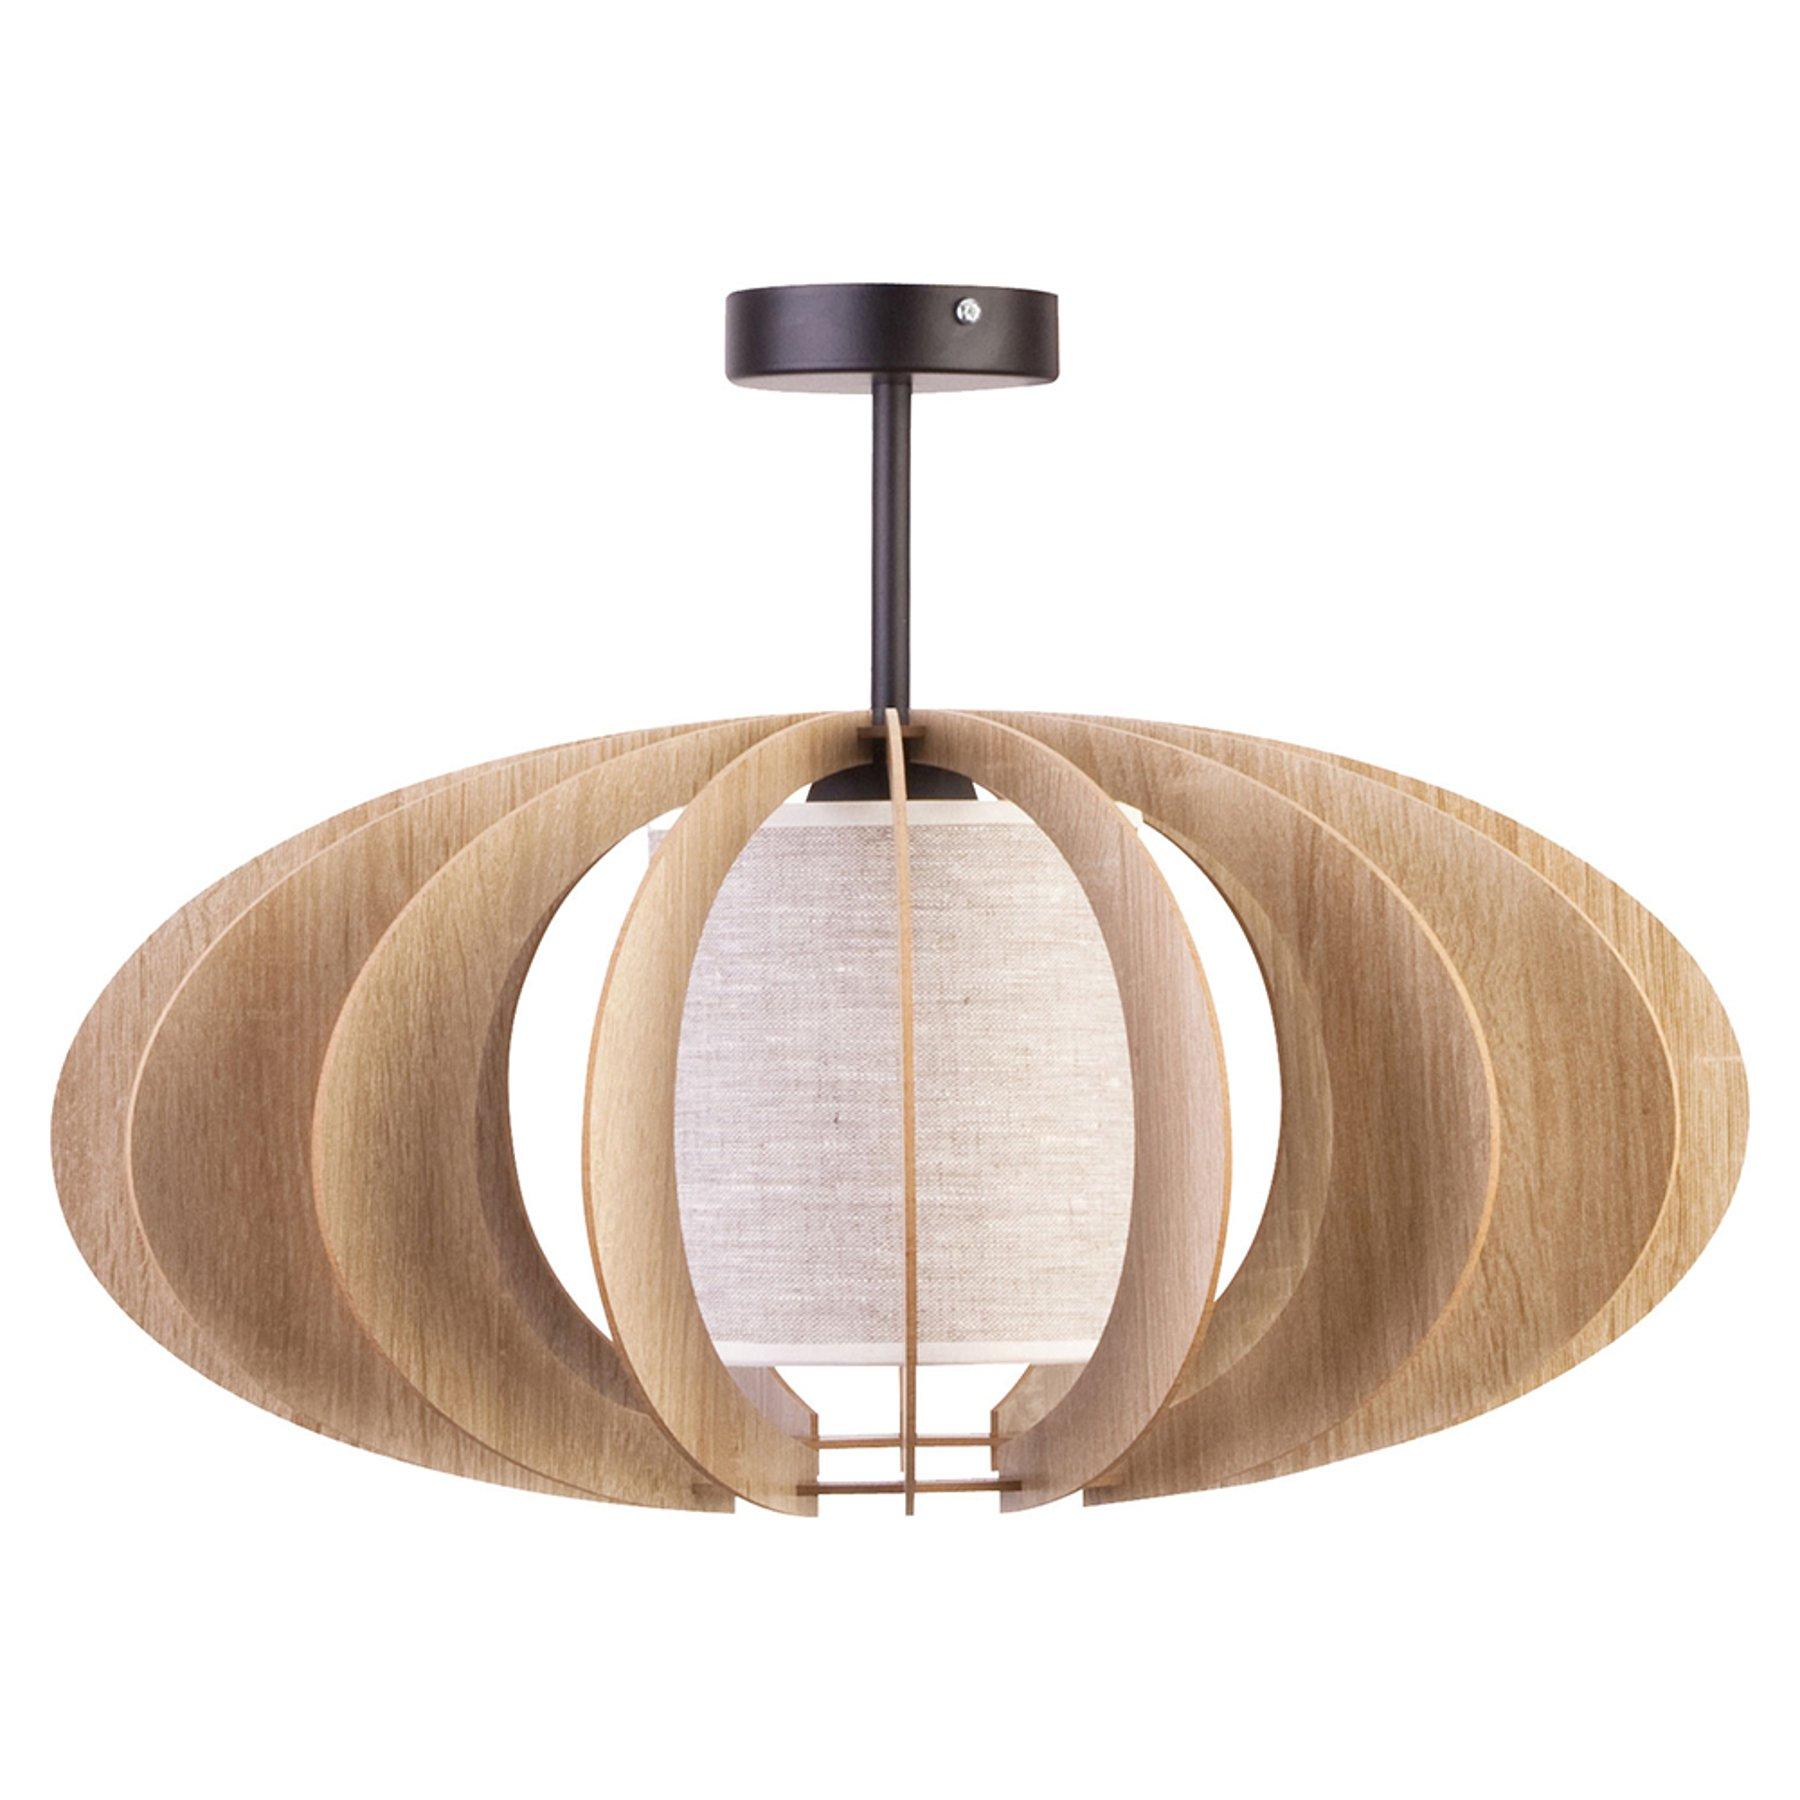 Taklampe Modern A med trelameller, Ø 60 cm